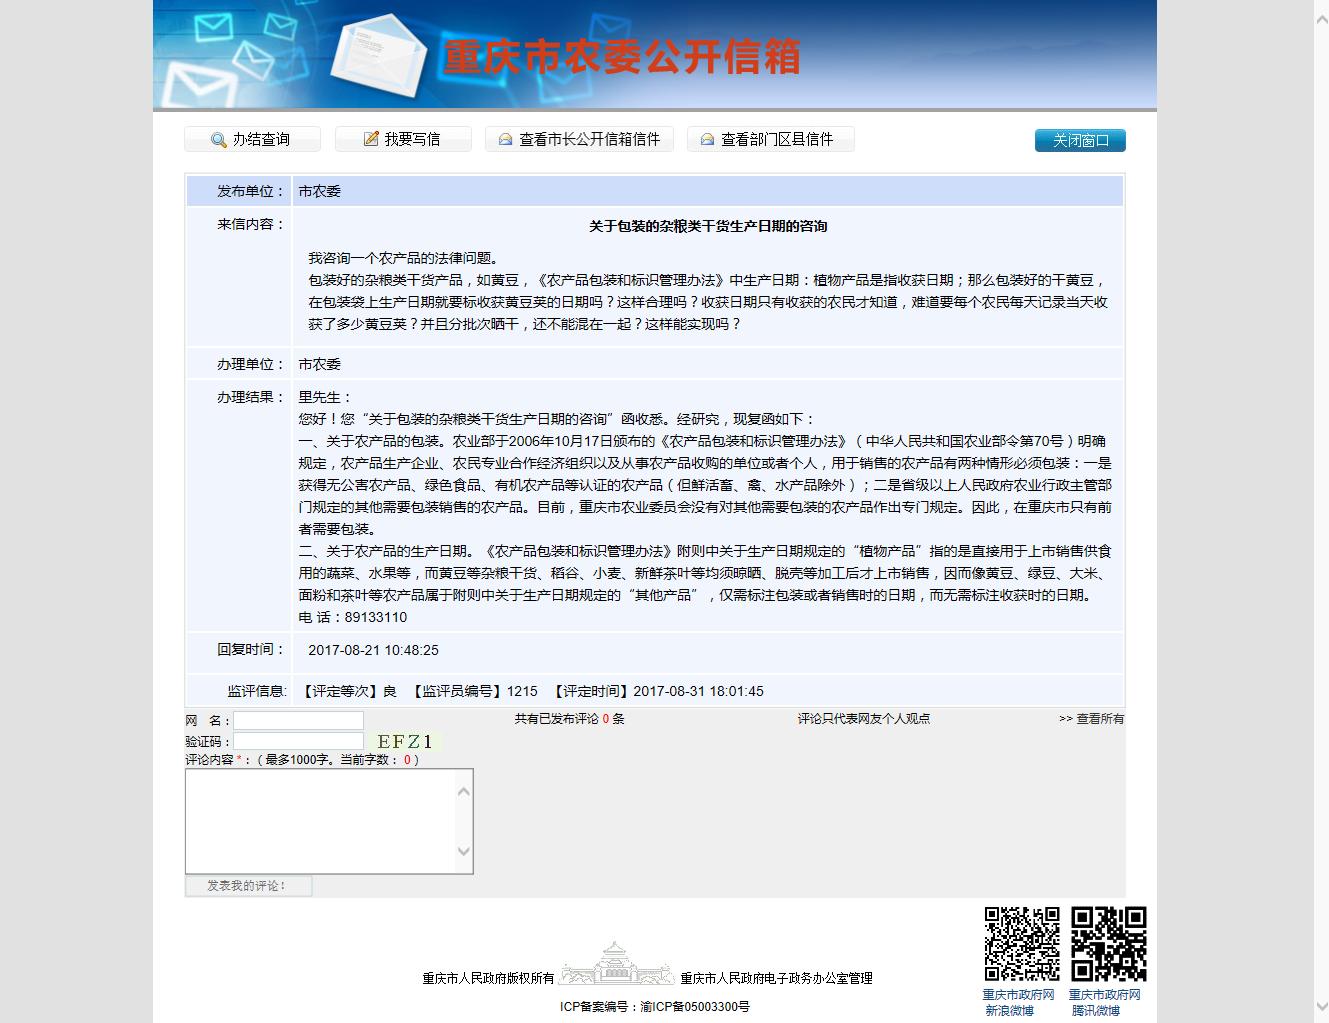 关于包装的杂粮类干货生产日期的咨询_重庆市政府公开信箱.png